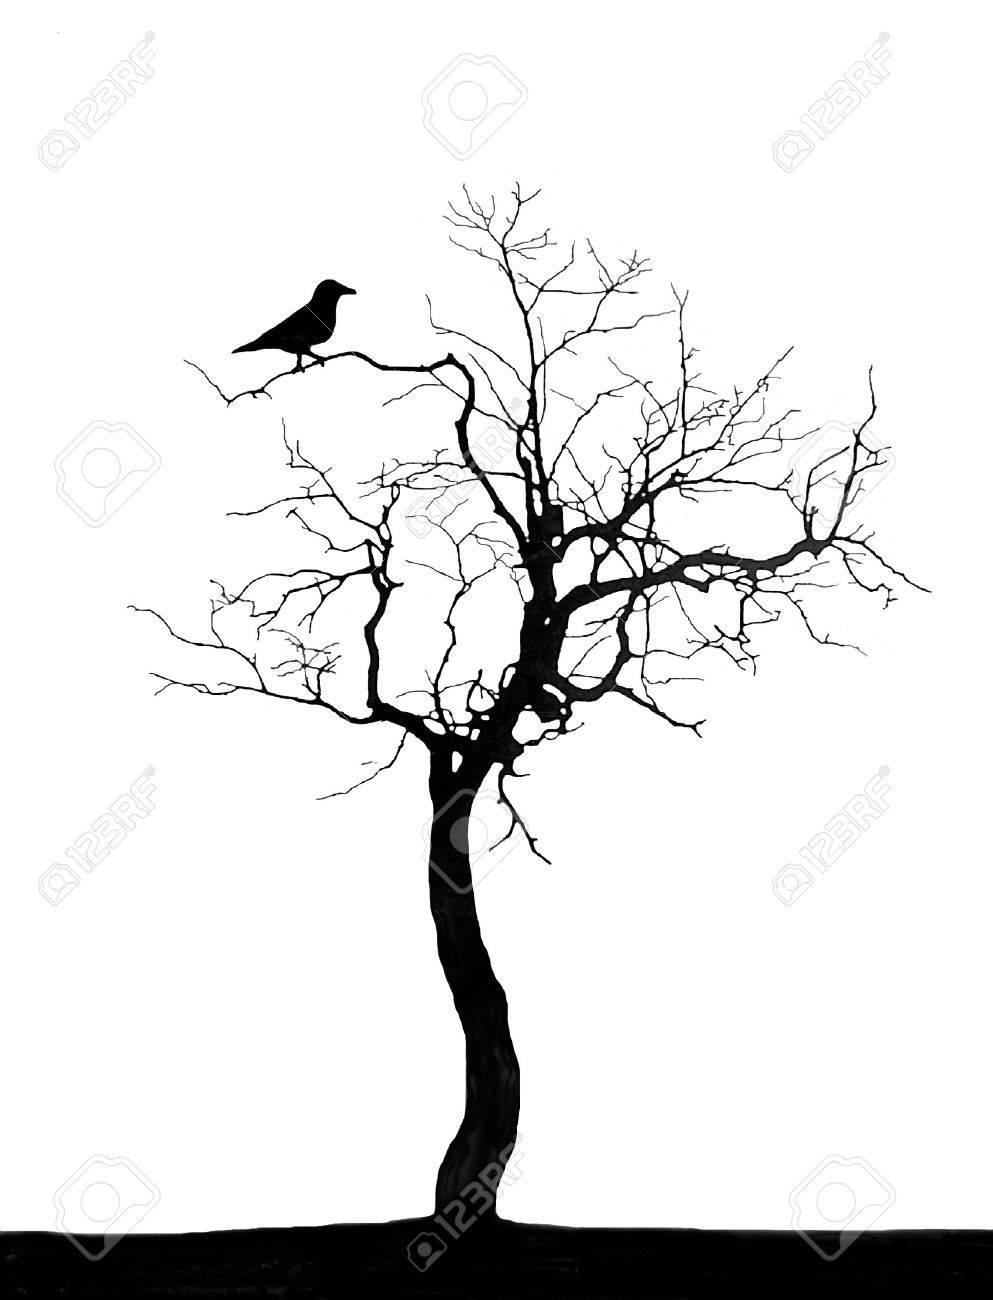 Dead tree - 2727019